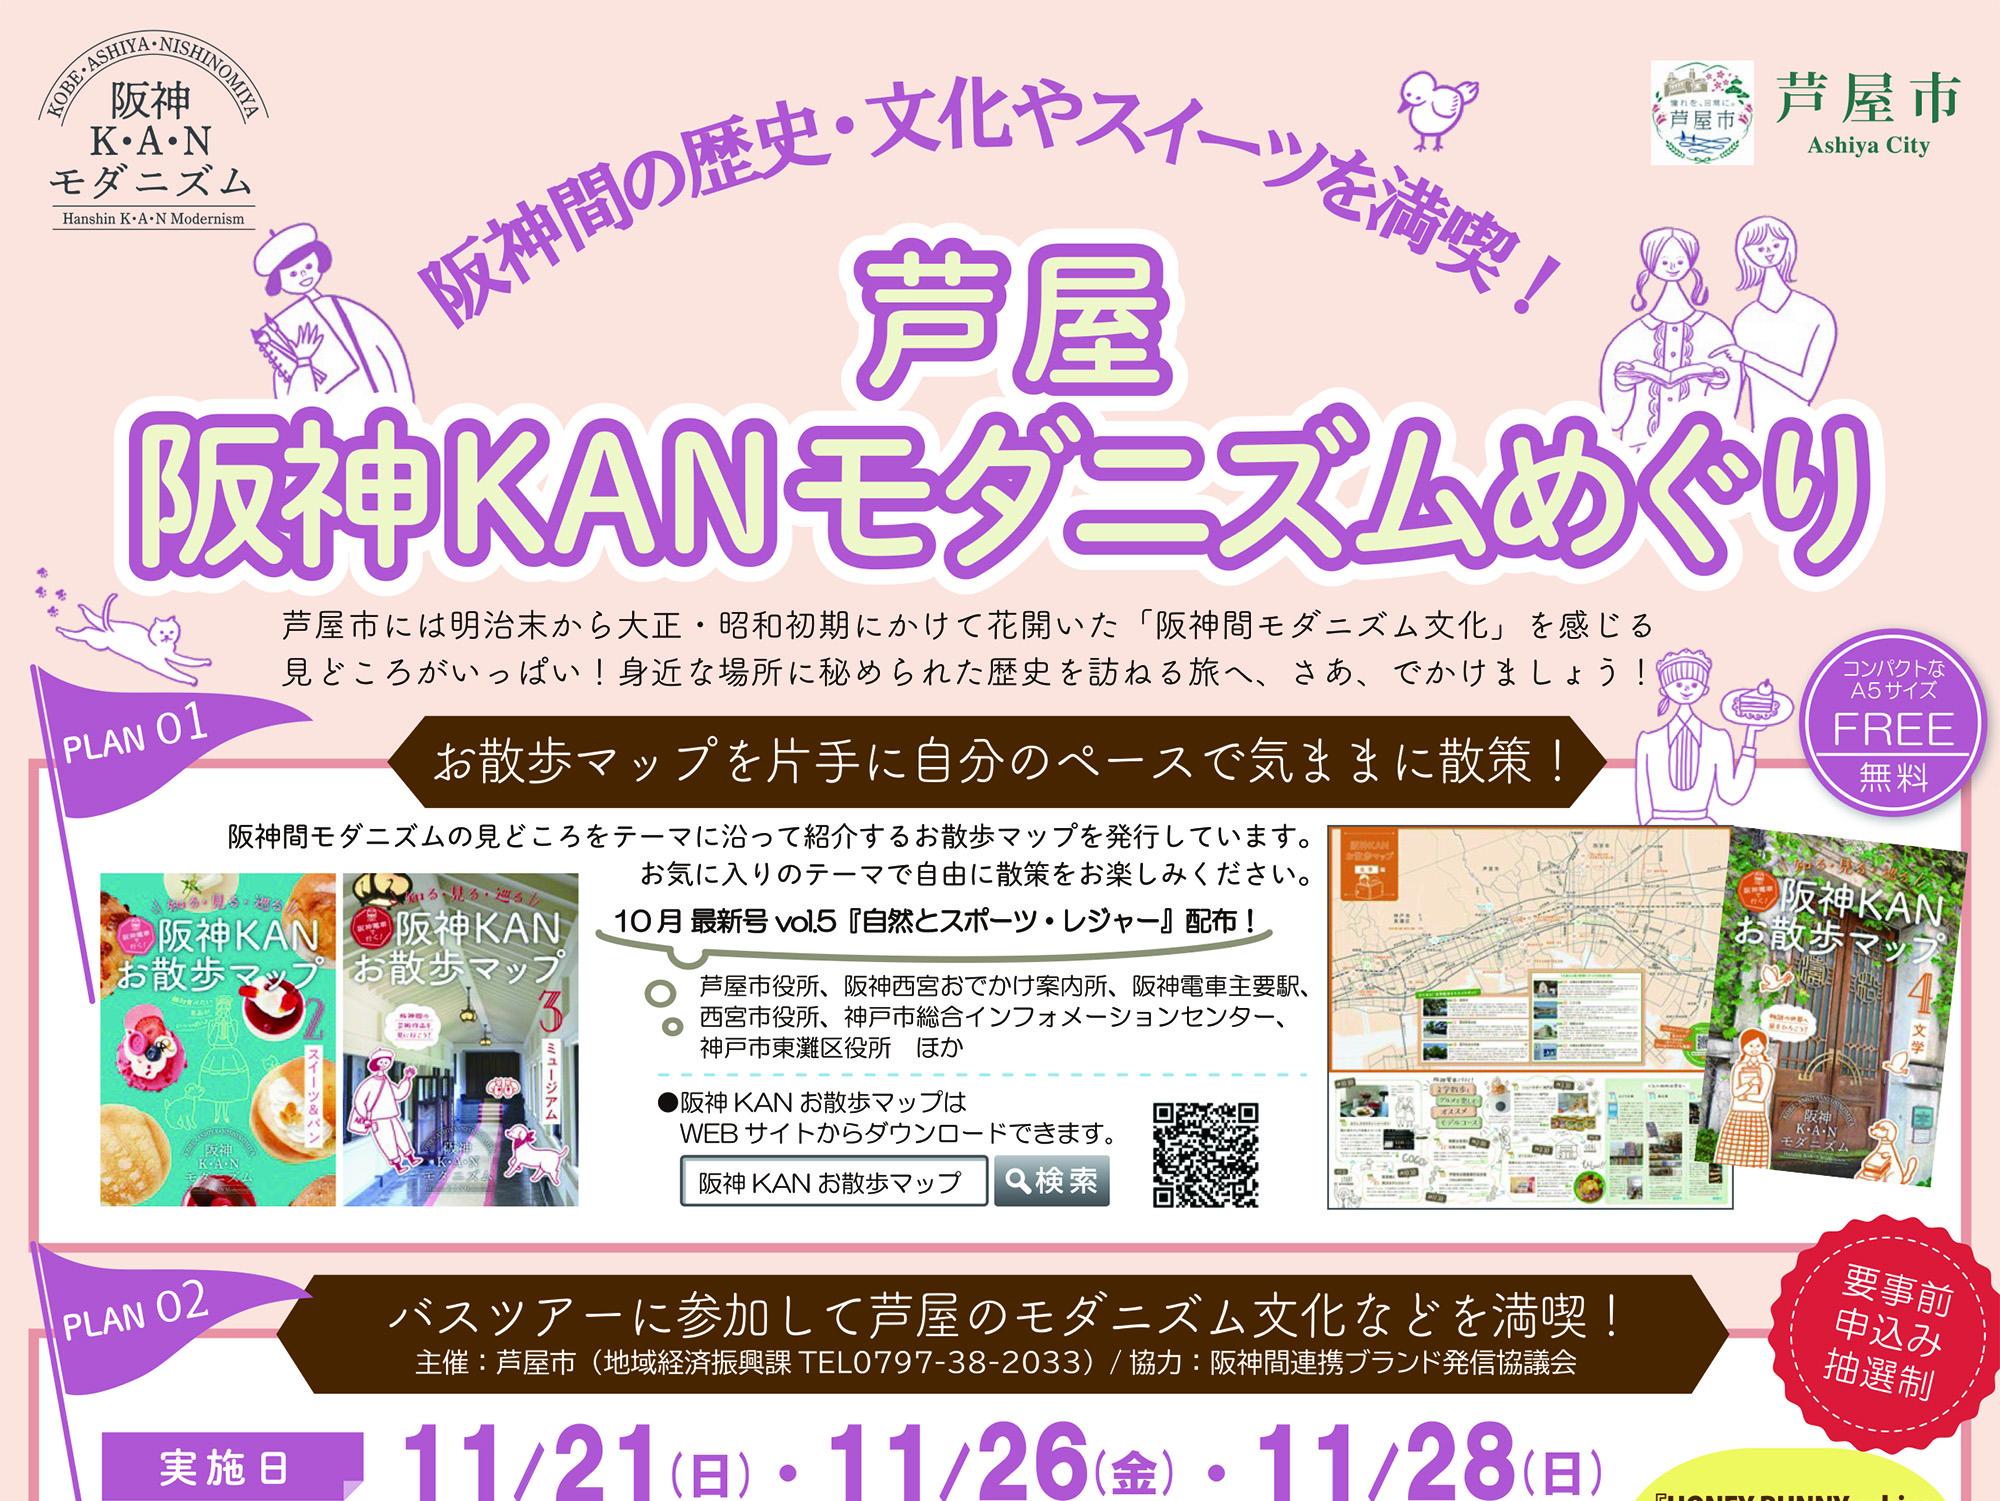 2021年11月21日 26日 28日 芦屋阪神KANモダニズムめぐり 開催!!!